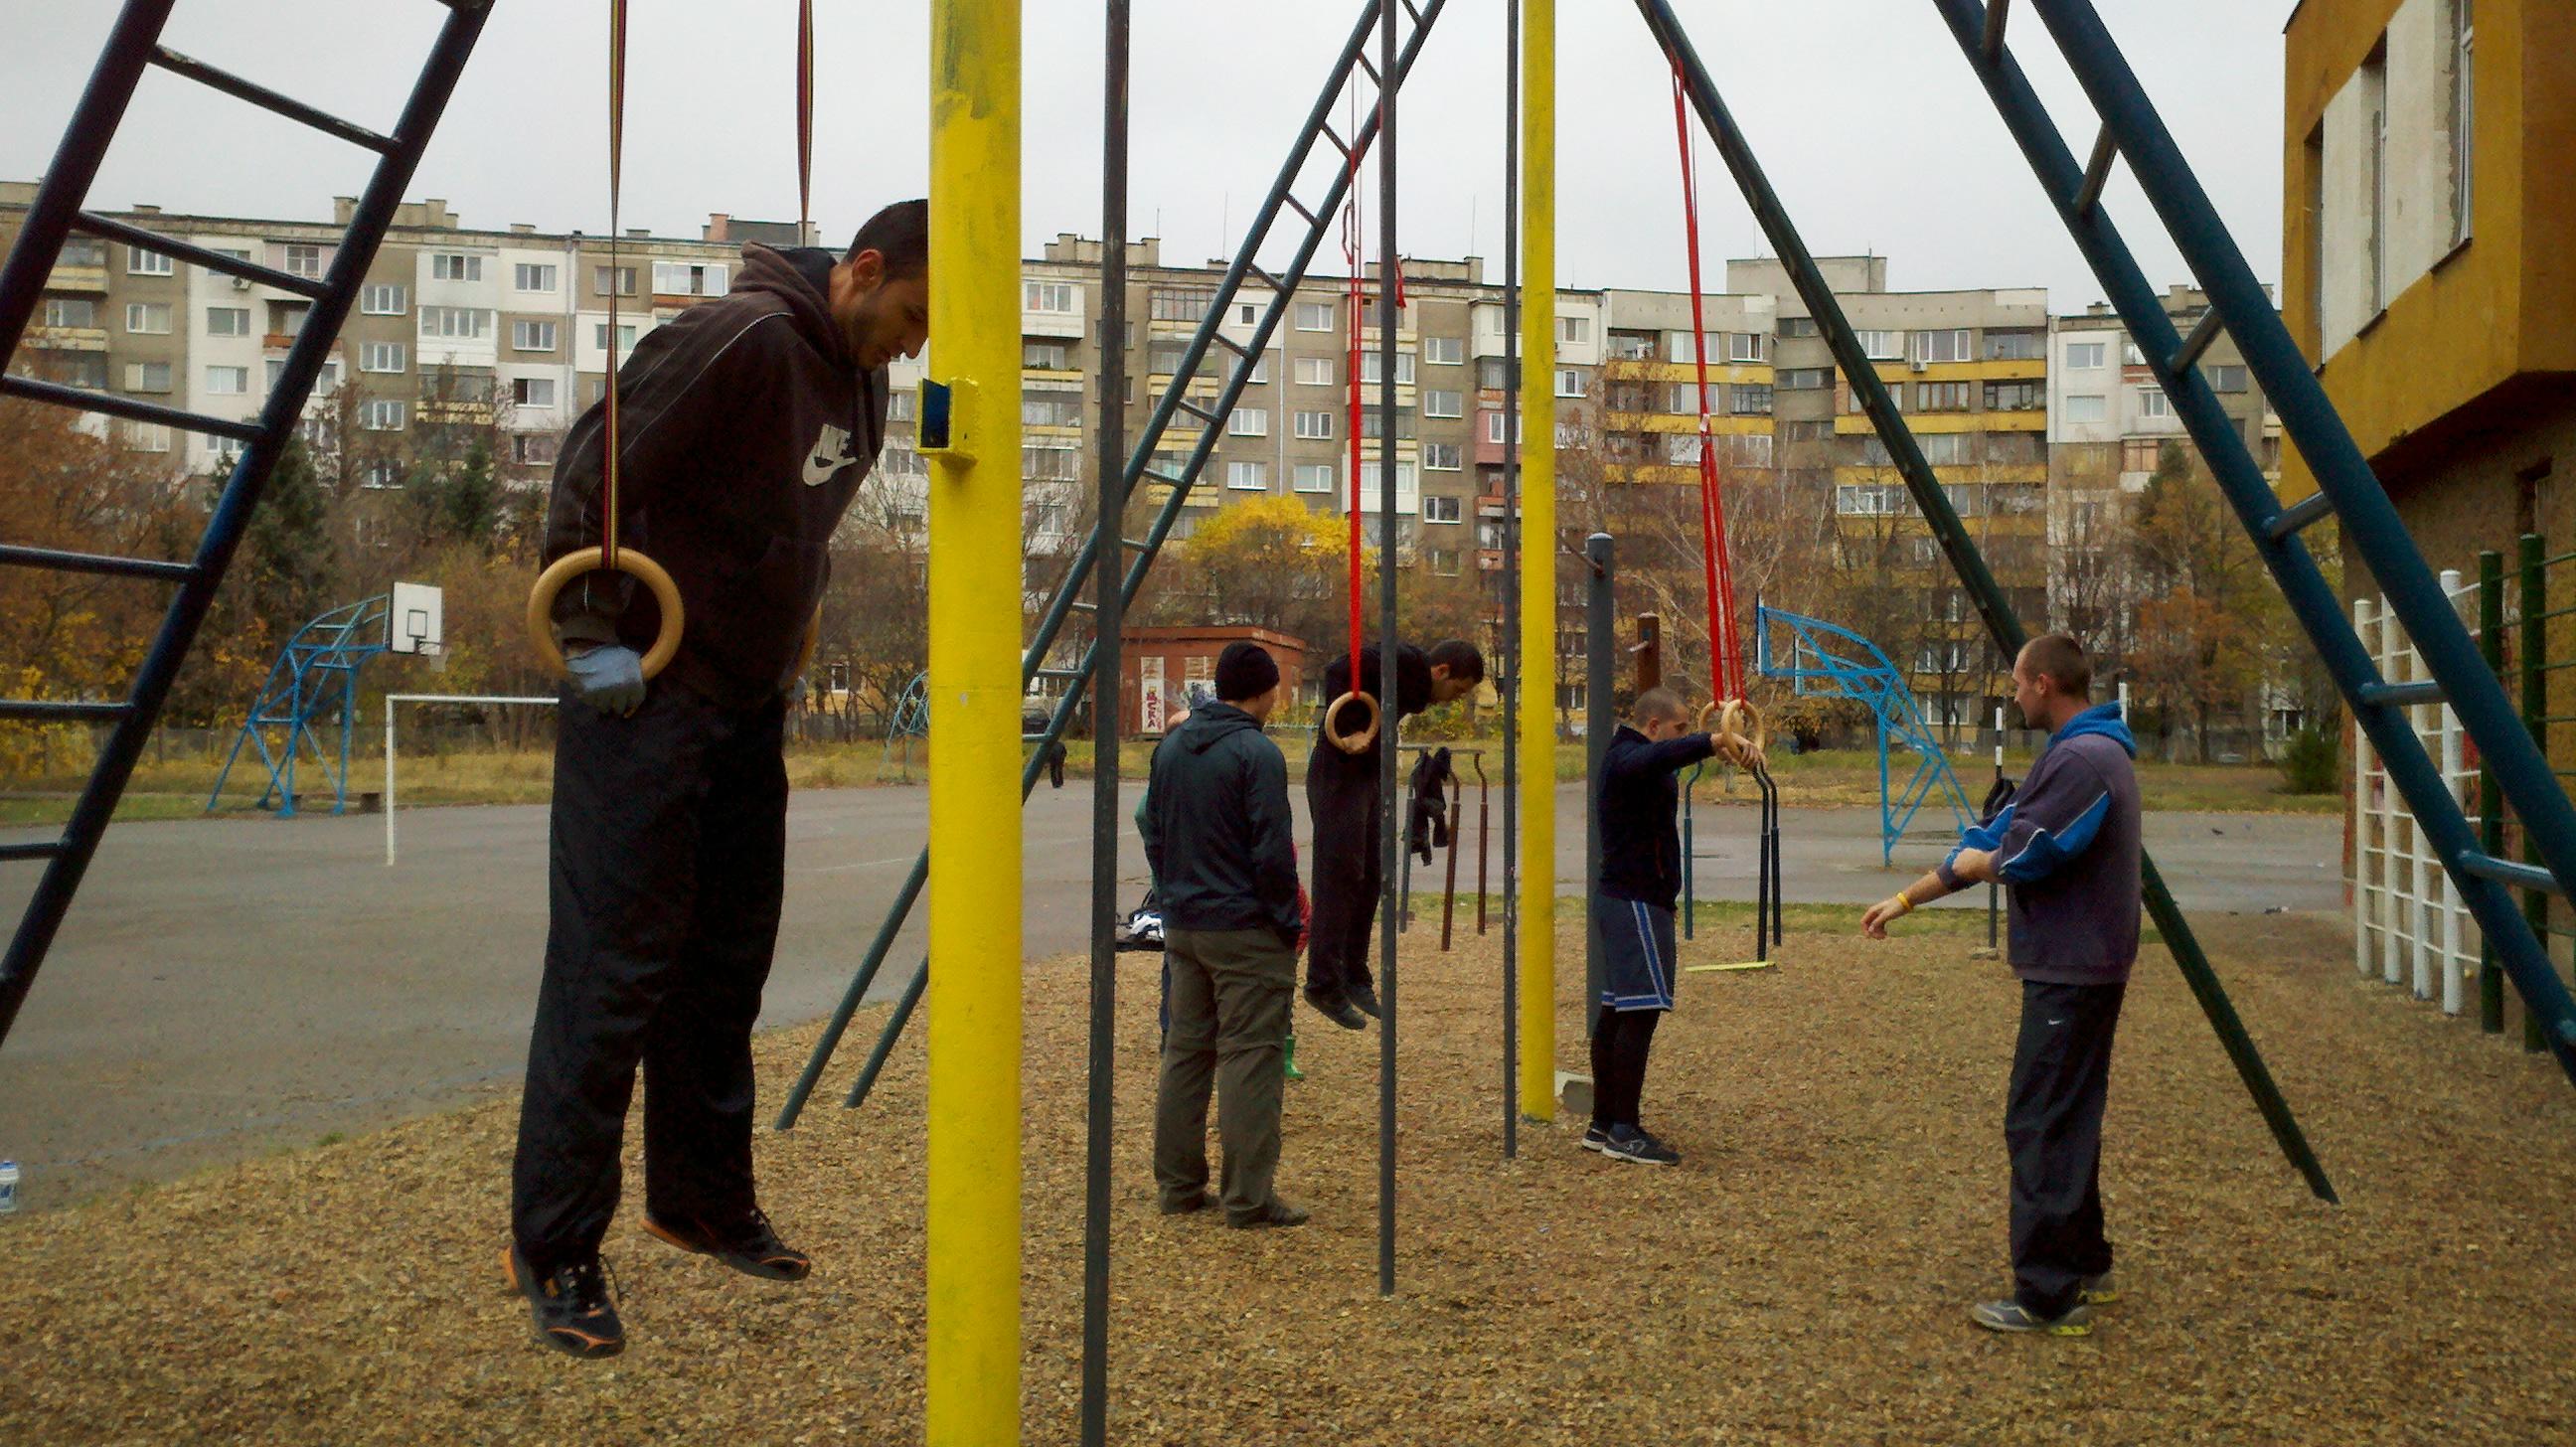 Те вече са там на площадката... Photo: insport.bg